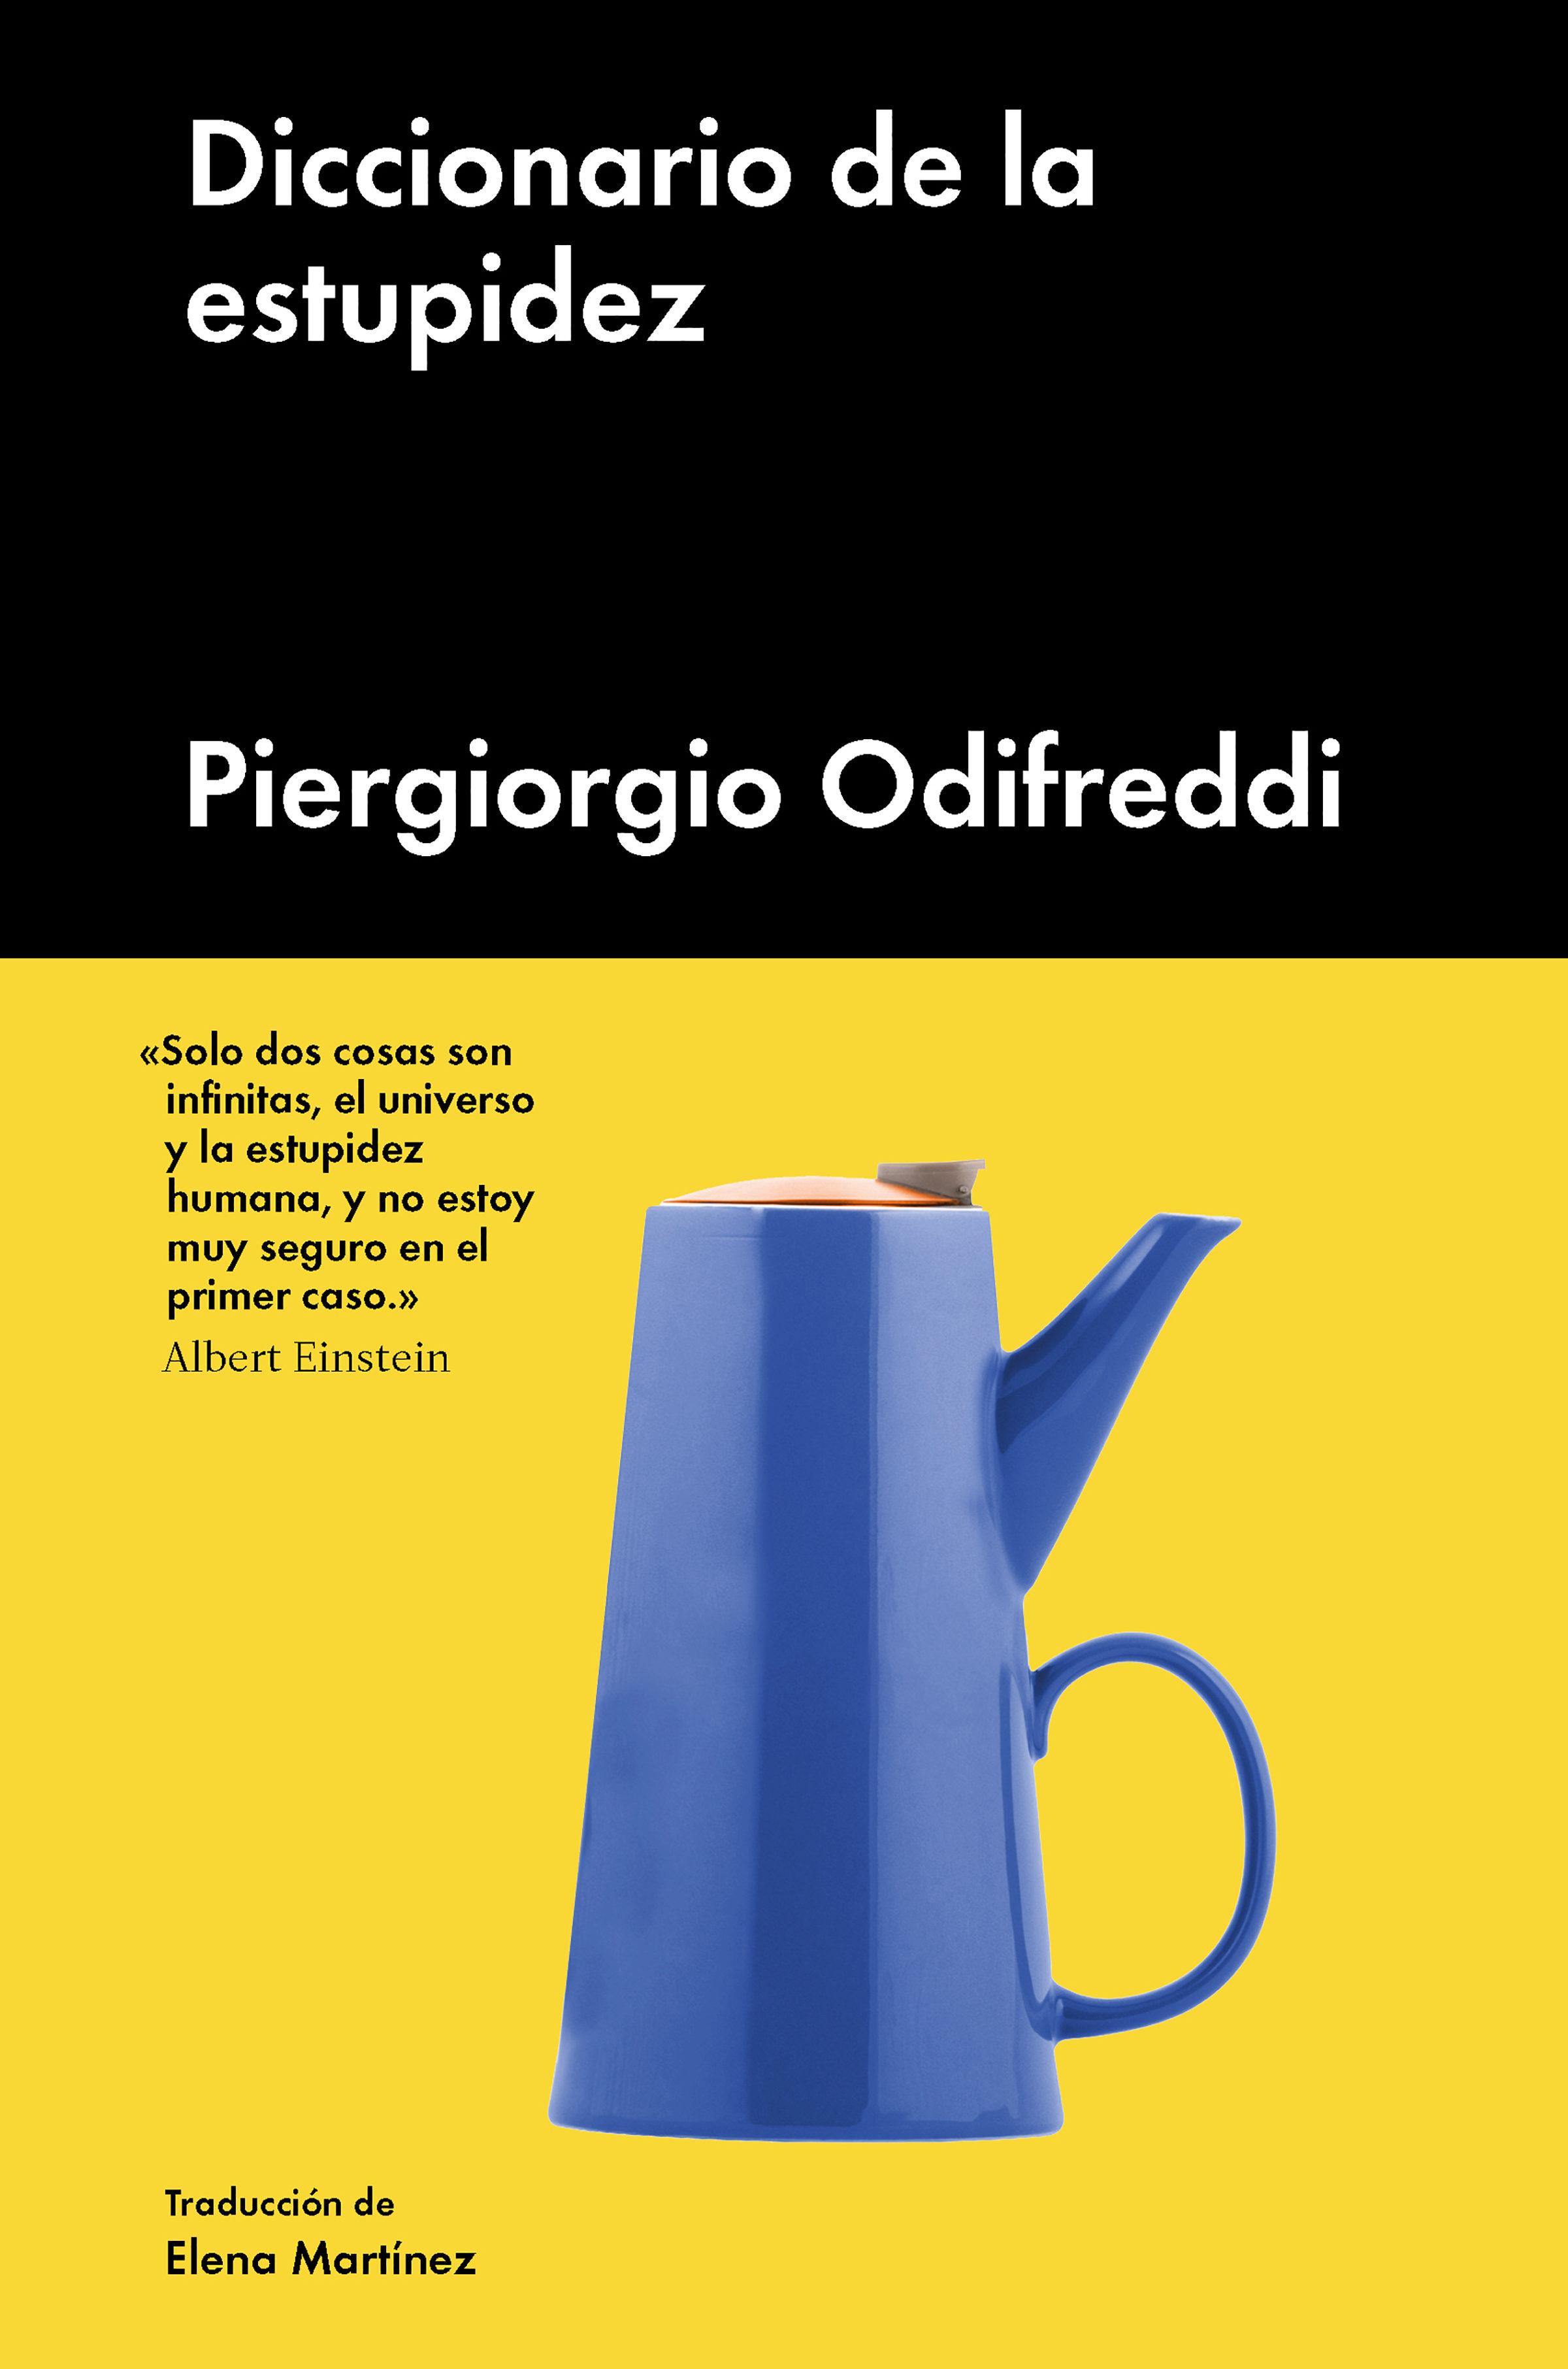 Diccionario De La Estupidez   por Piergiorgio Odifredi